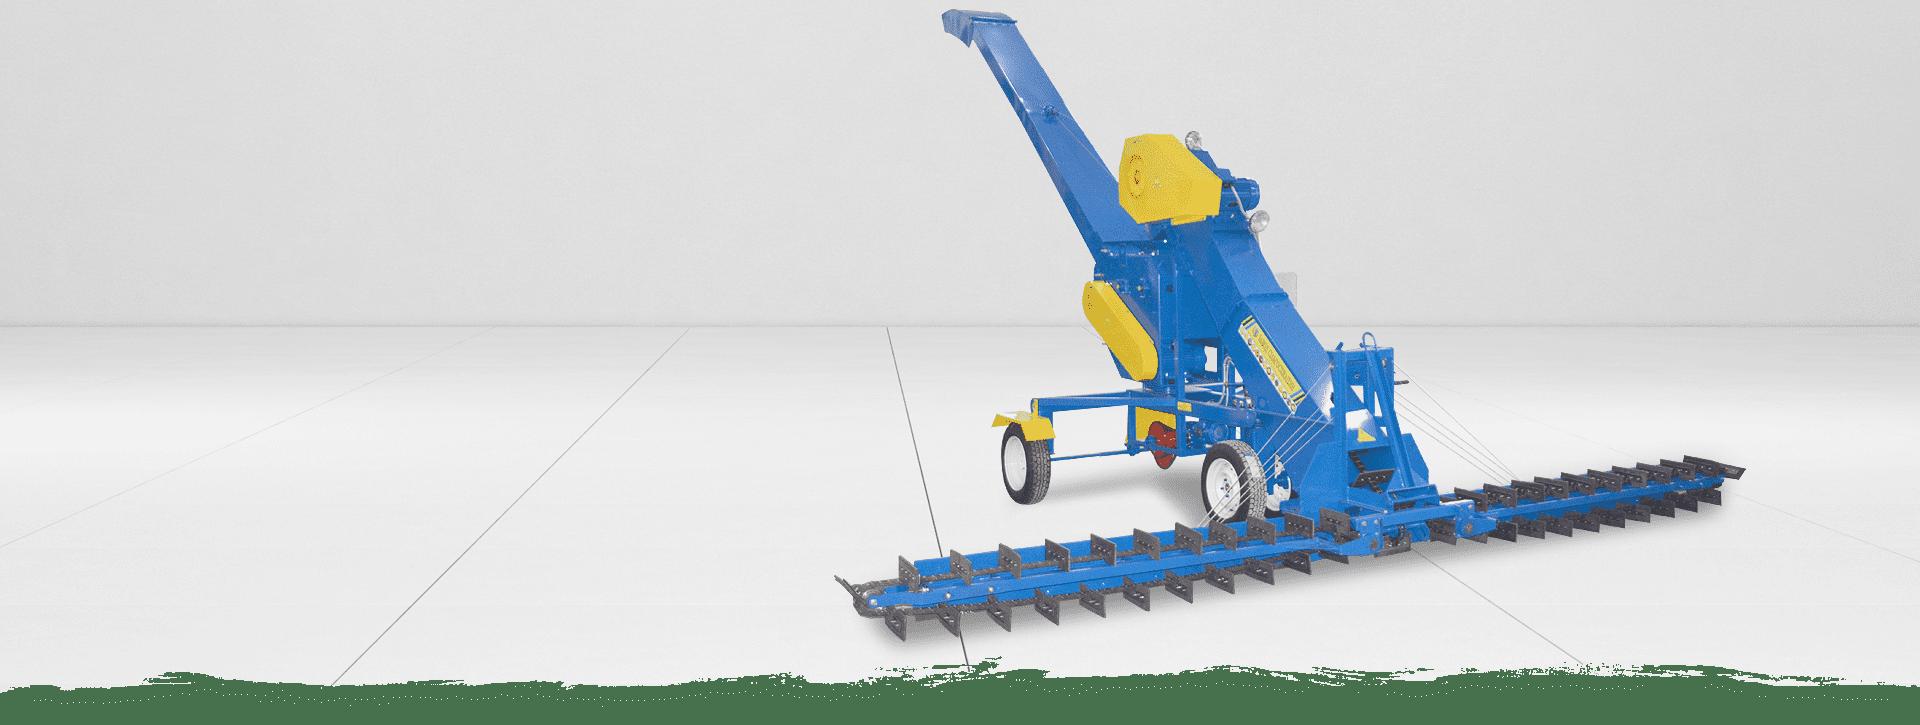 Зернометатель ПЗМ-120 для загрузки, буртовки и перегрузки любого зерна, картинка